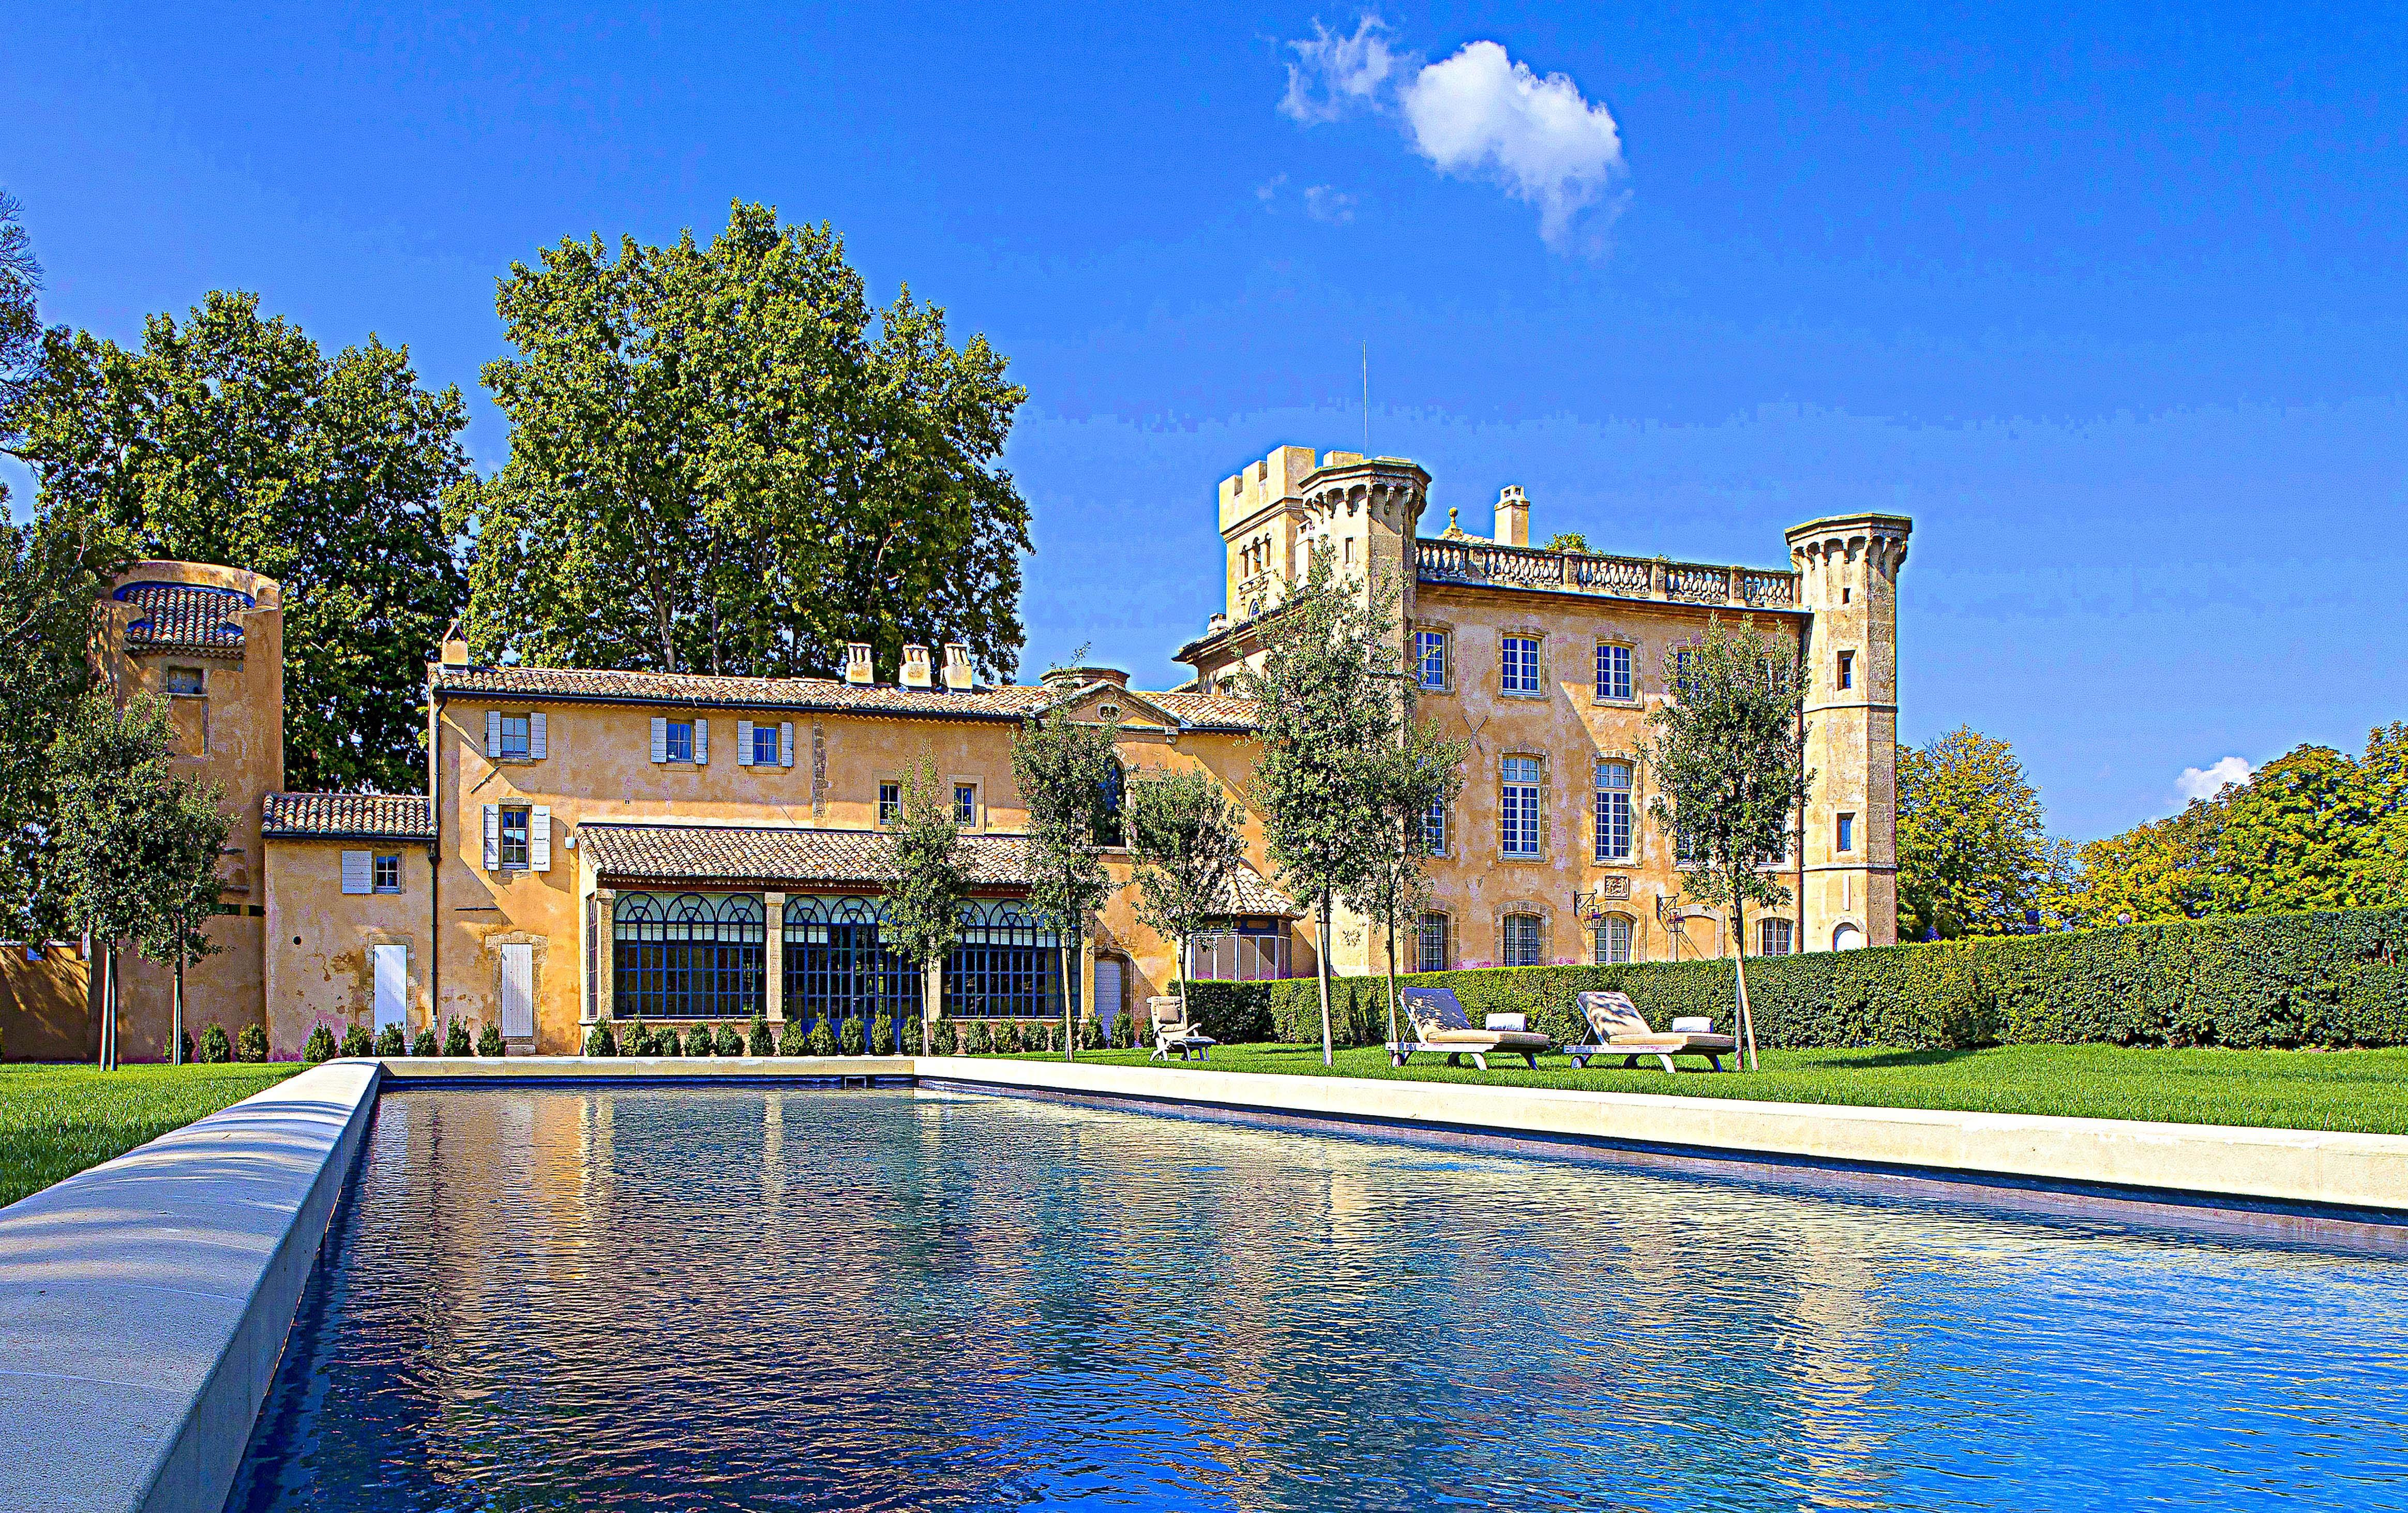 Chateau de Candolle